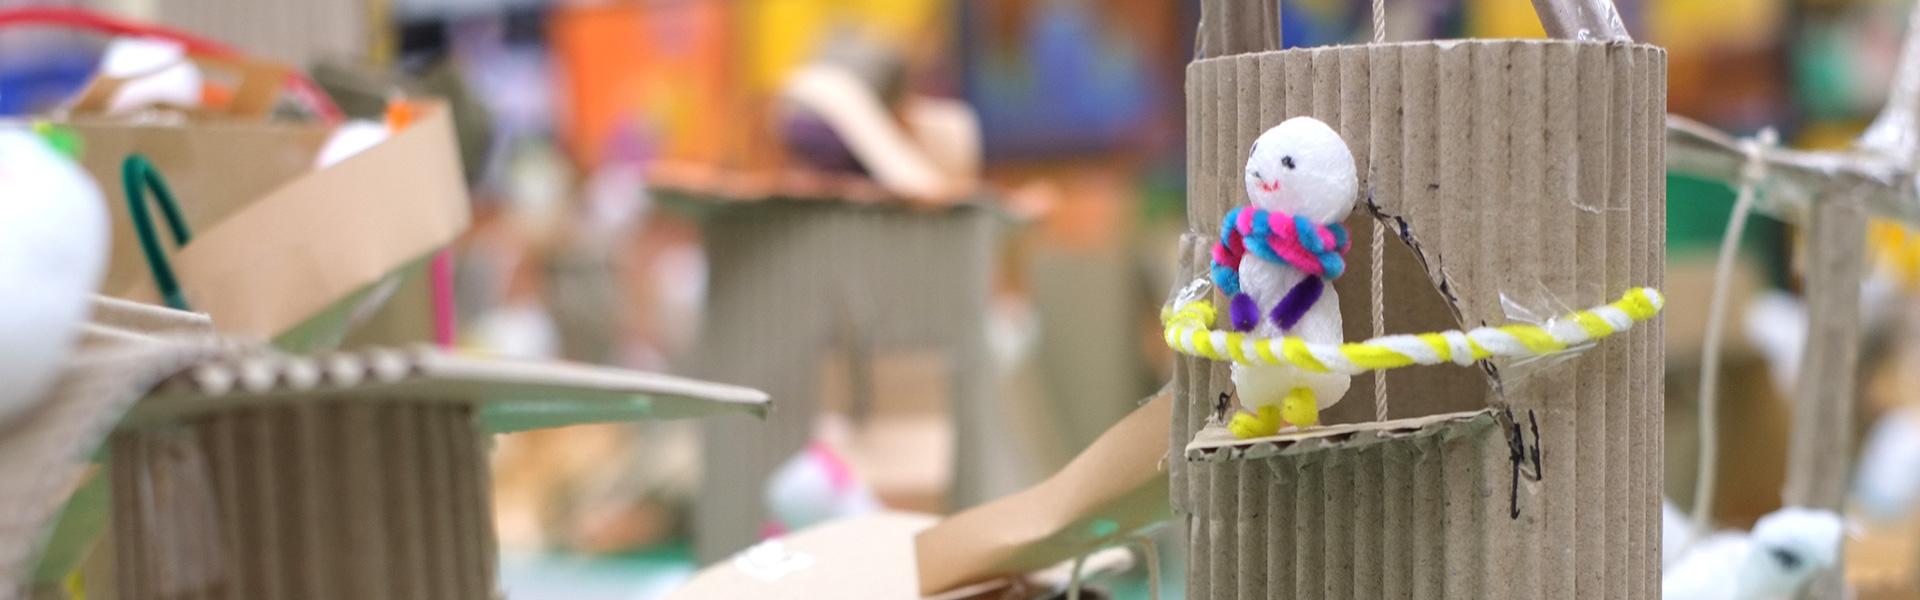 図工ランド(デザインを楽しむ造形教室)のポリシー